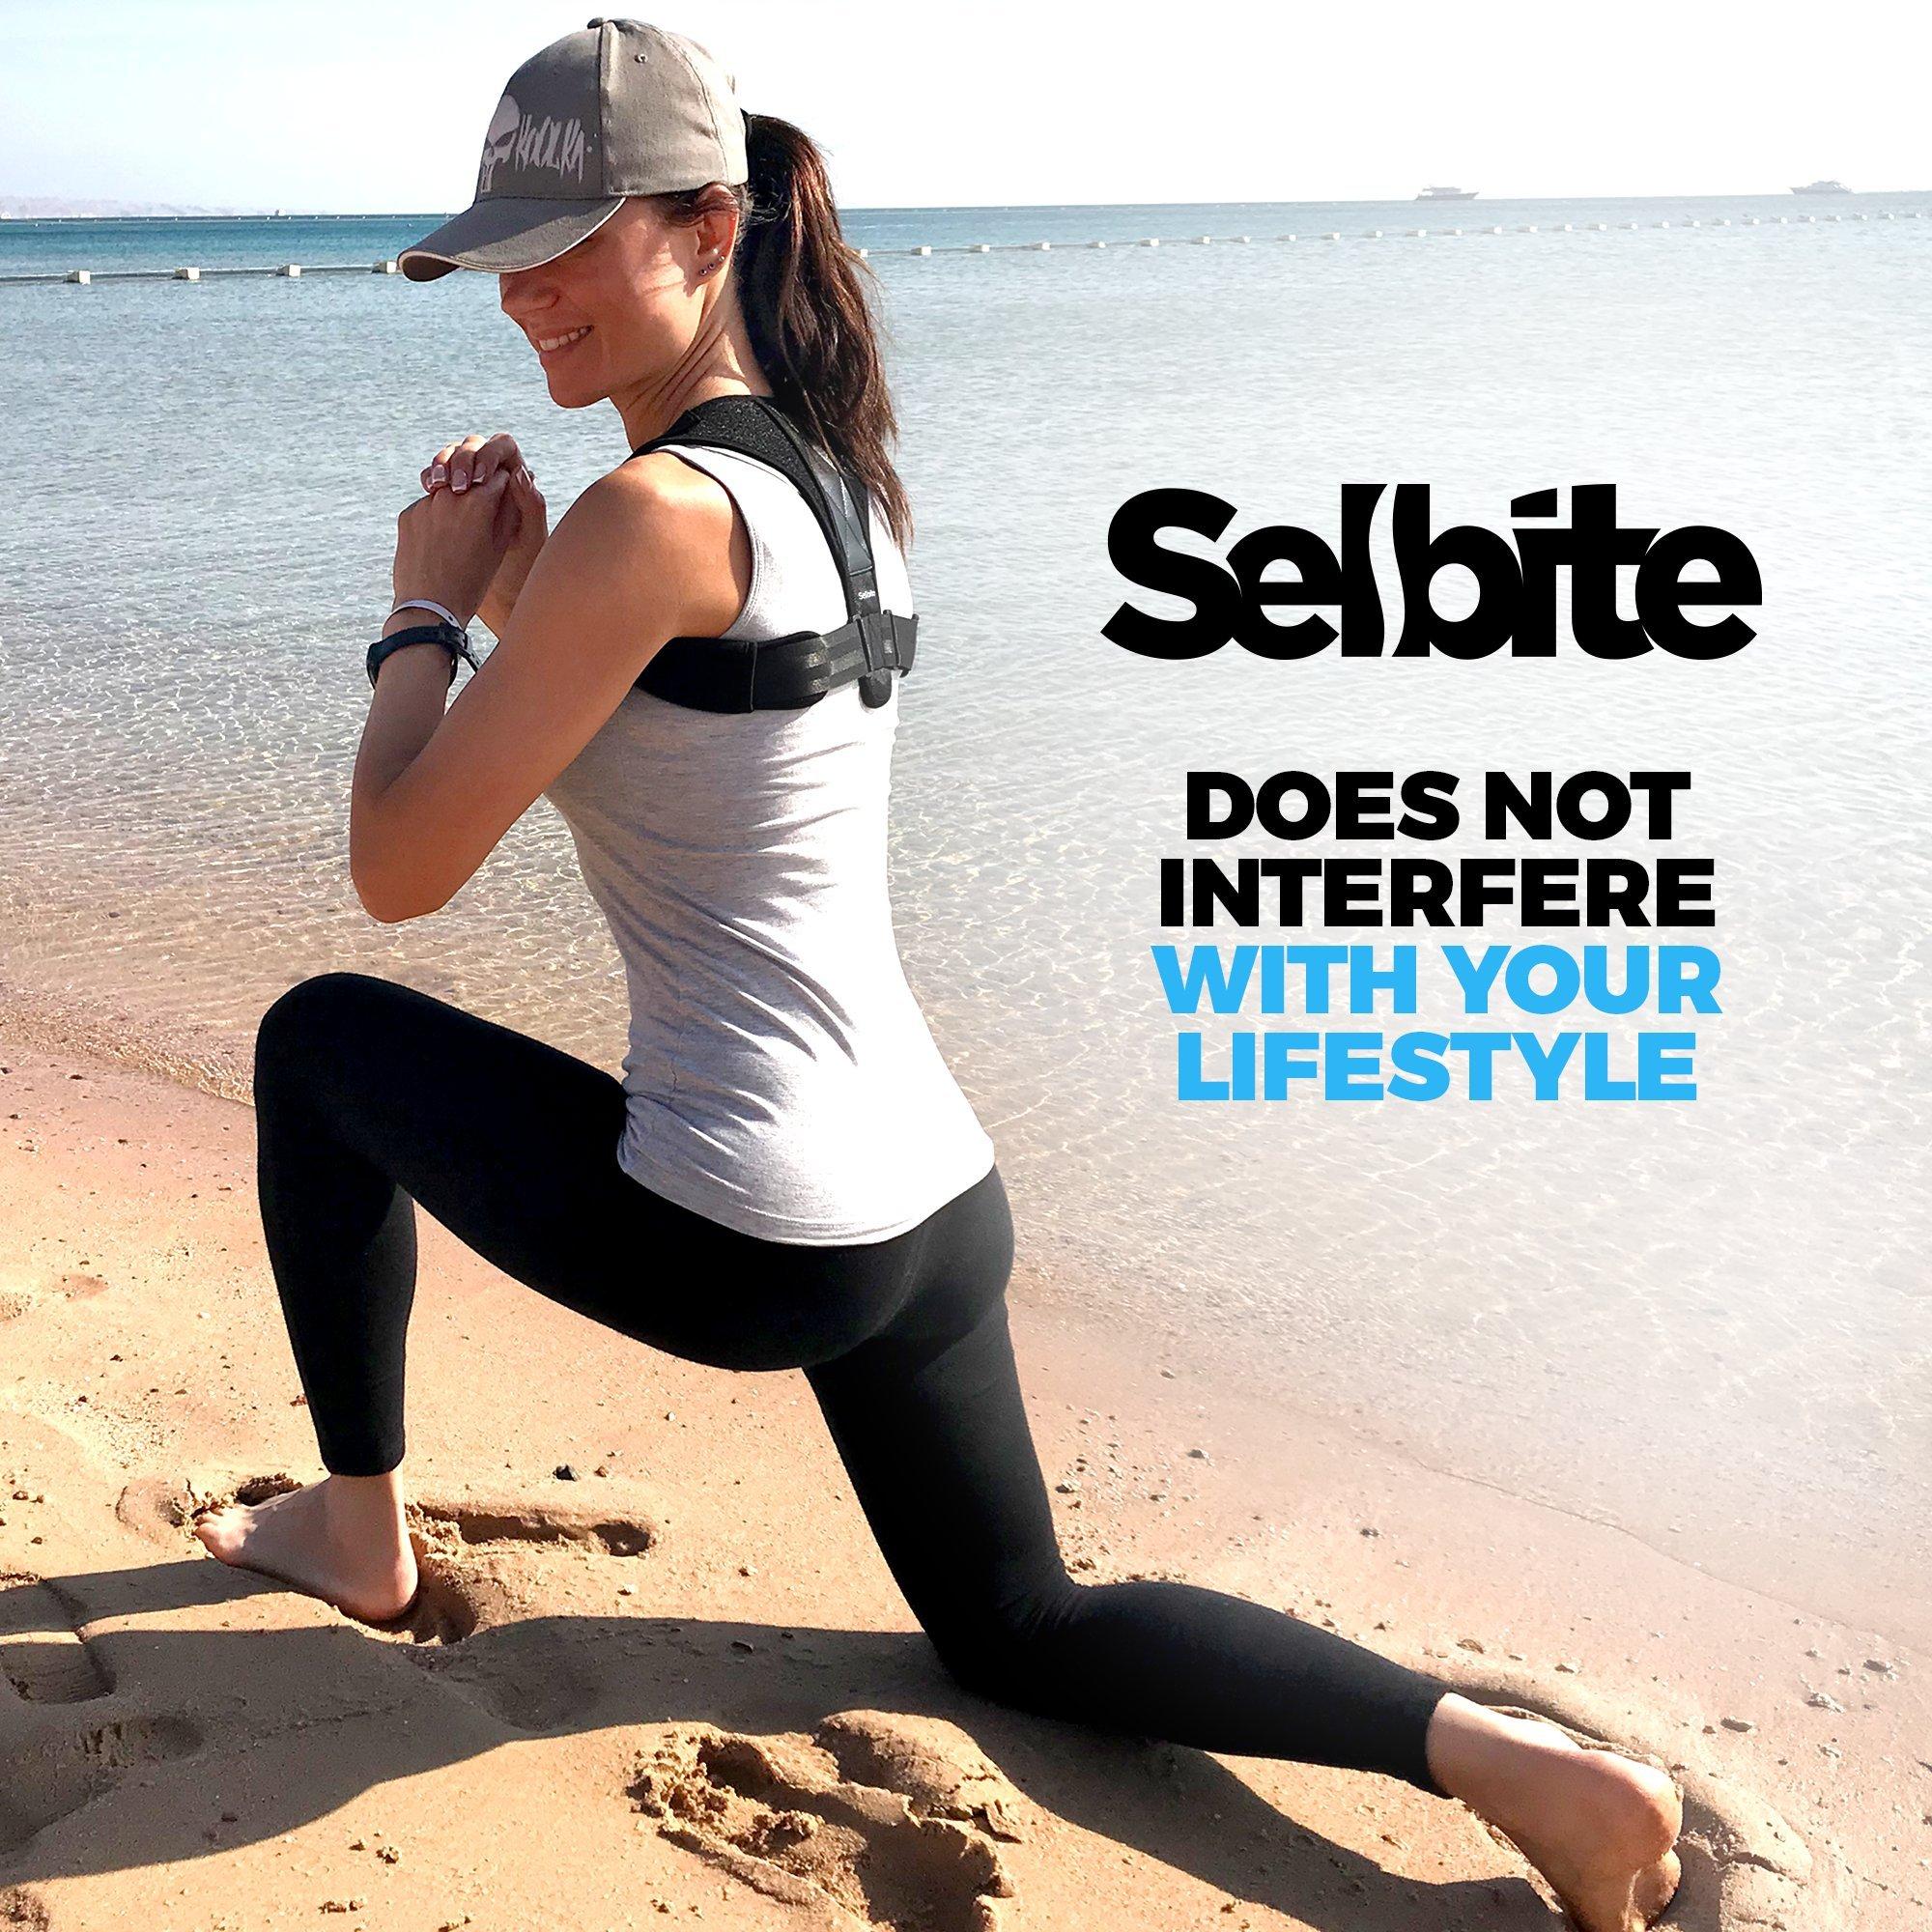 Back Posture Corrector for Men Women - Effective Posture Corrector Upper Back Straightener - Adjustable Posture Brace - Back Brace - Lightweight and Comfortable for Improving Posture by Selbite (Image #4)